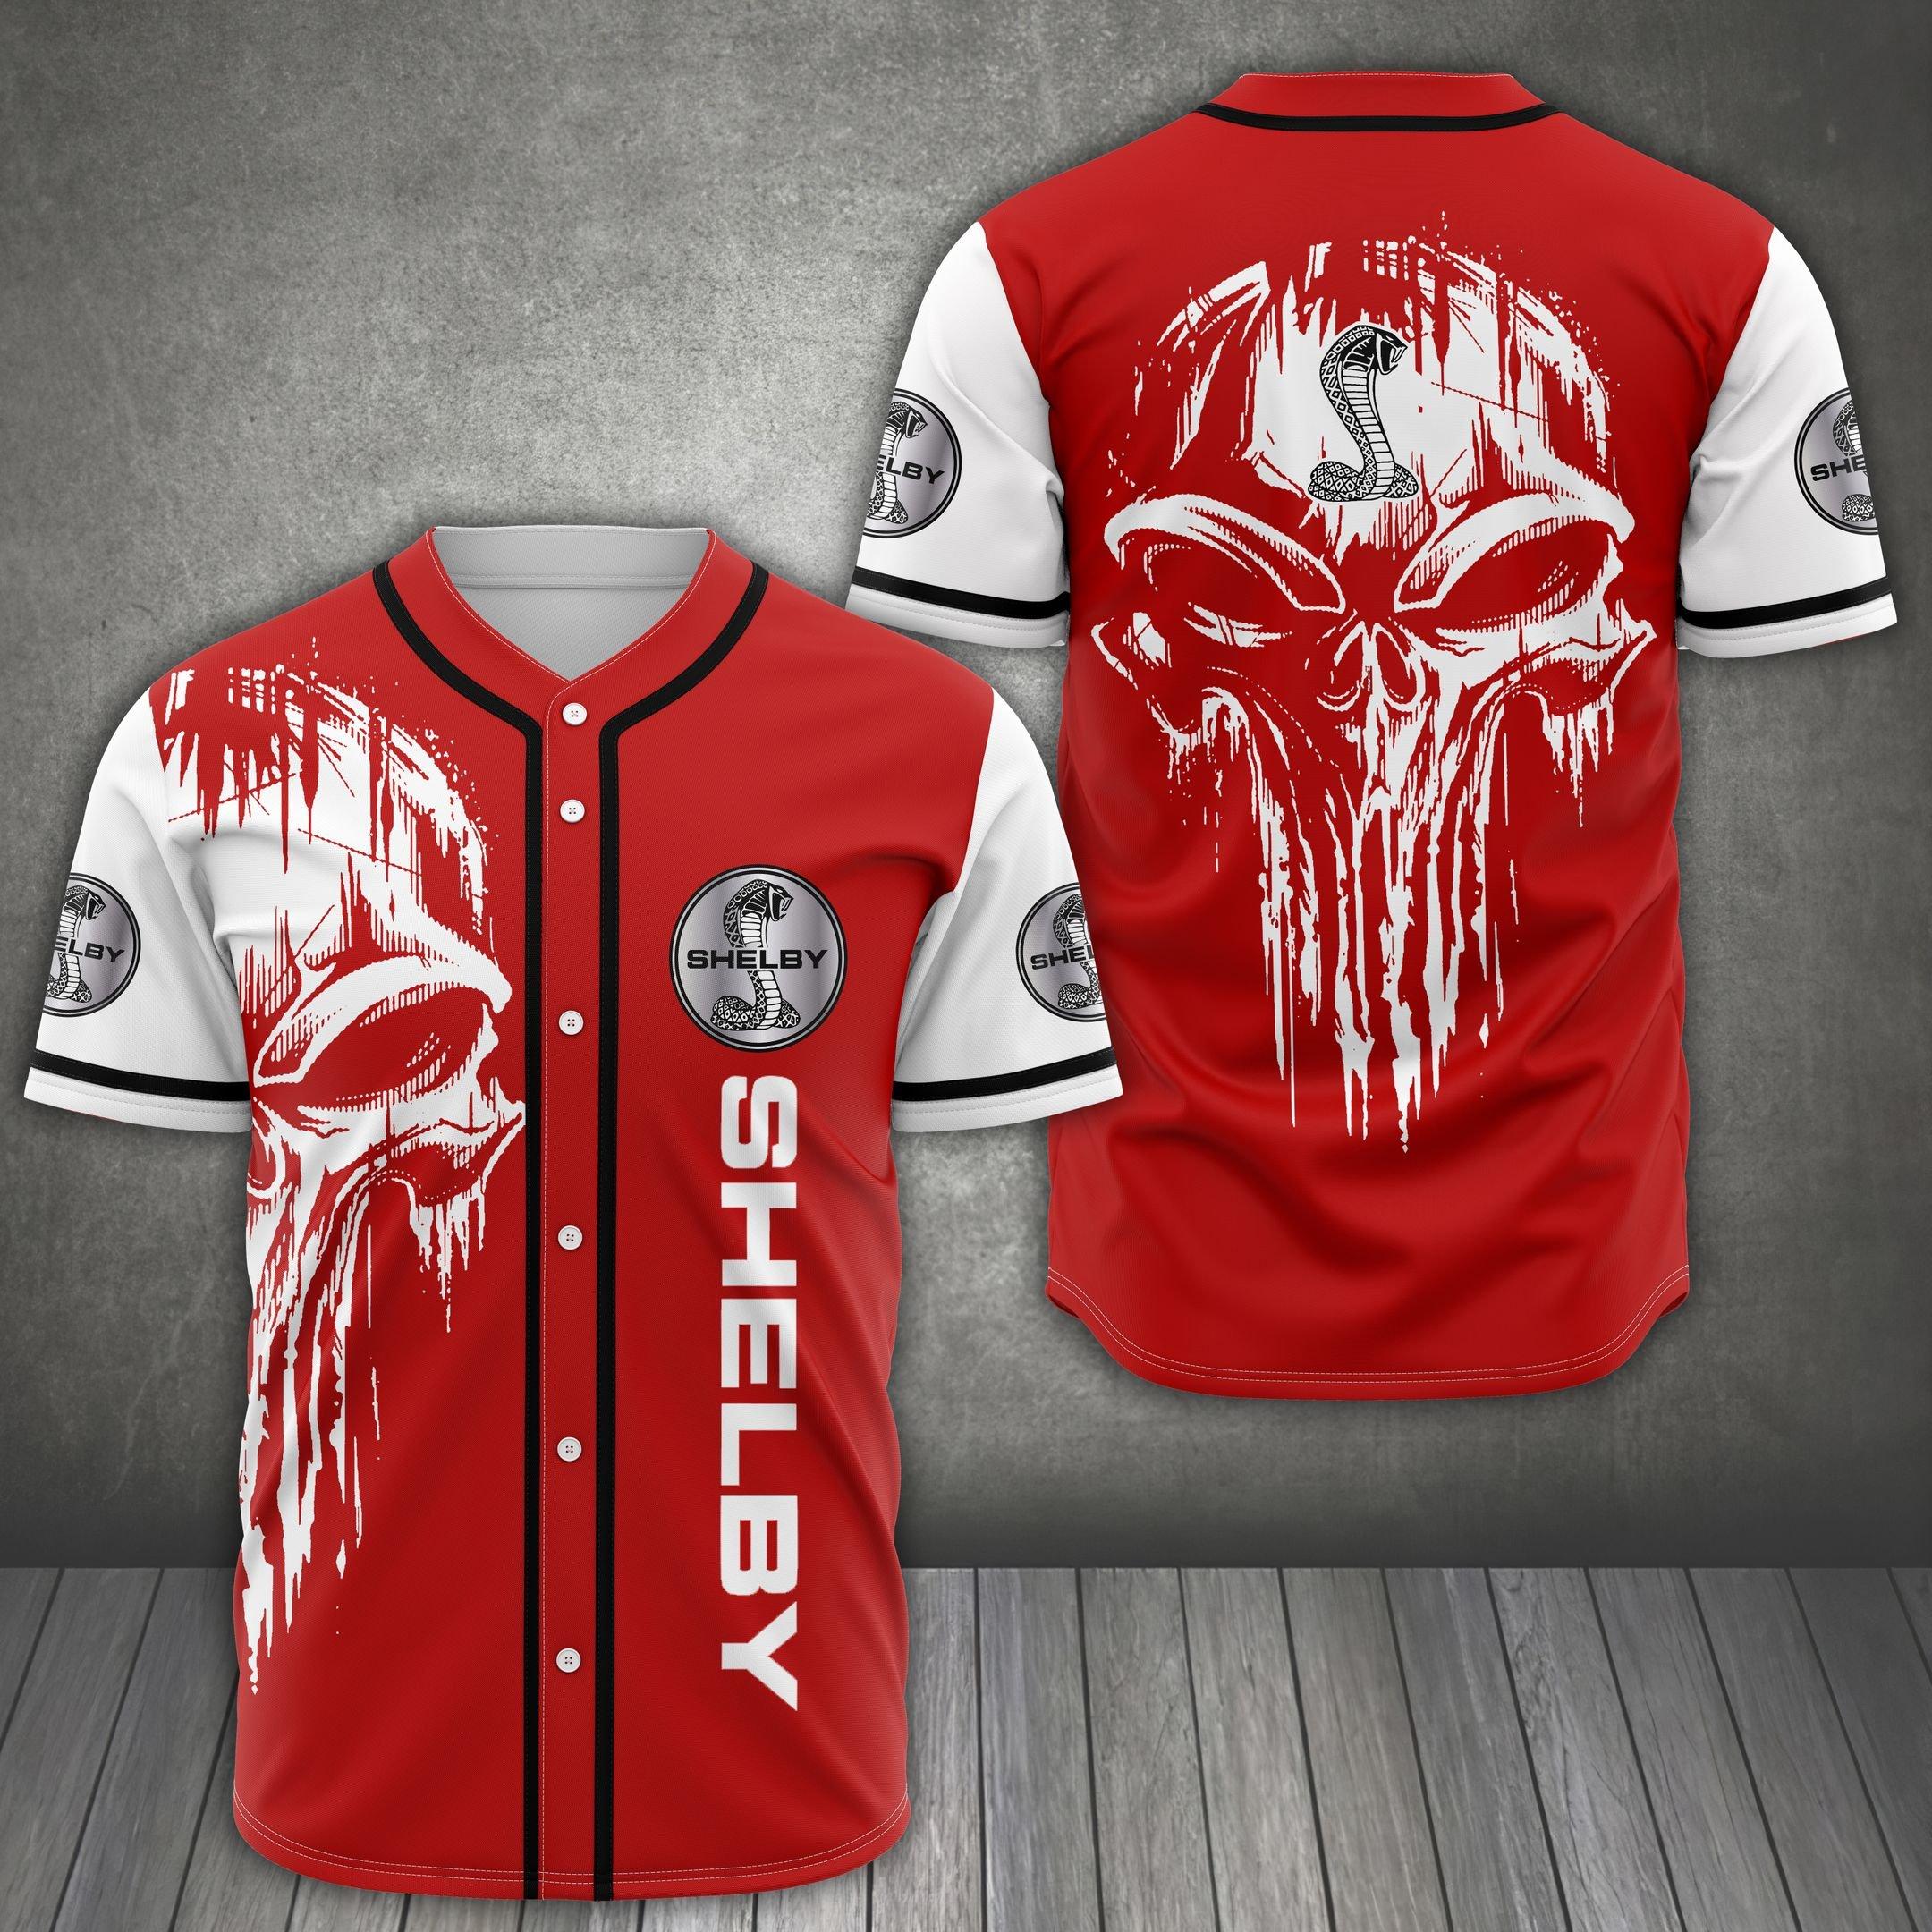 Shelby American skull Baseball Jersey